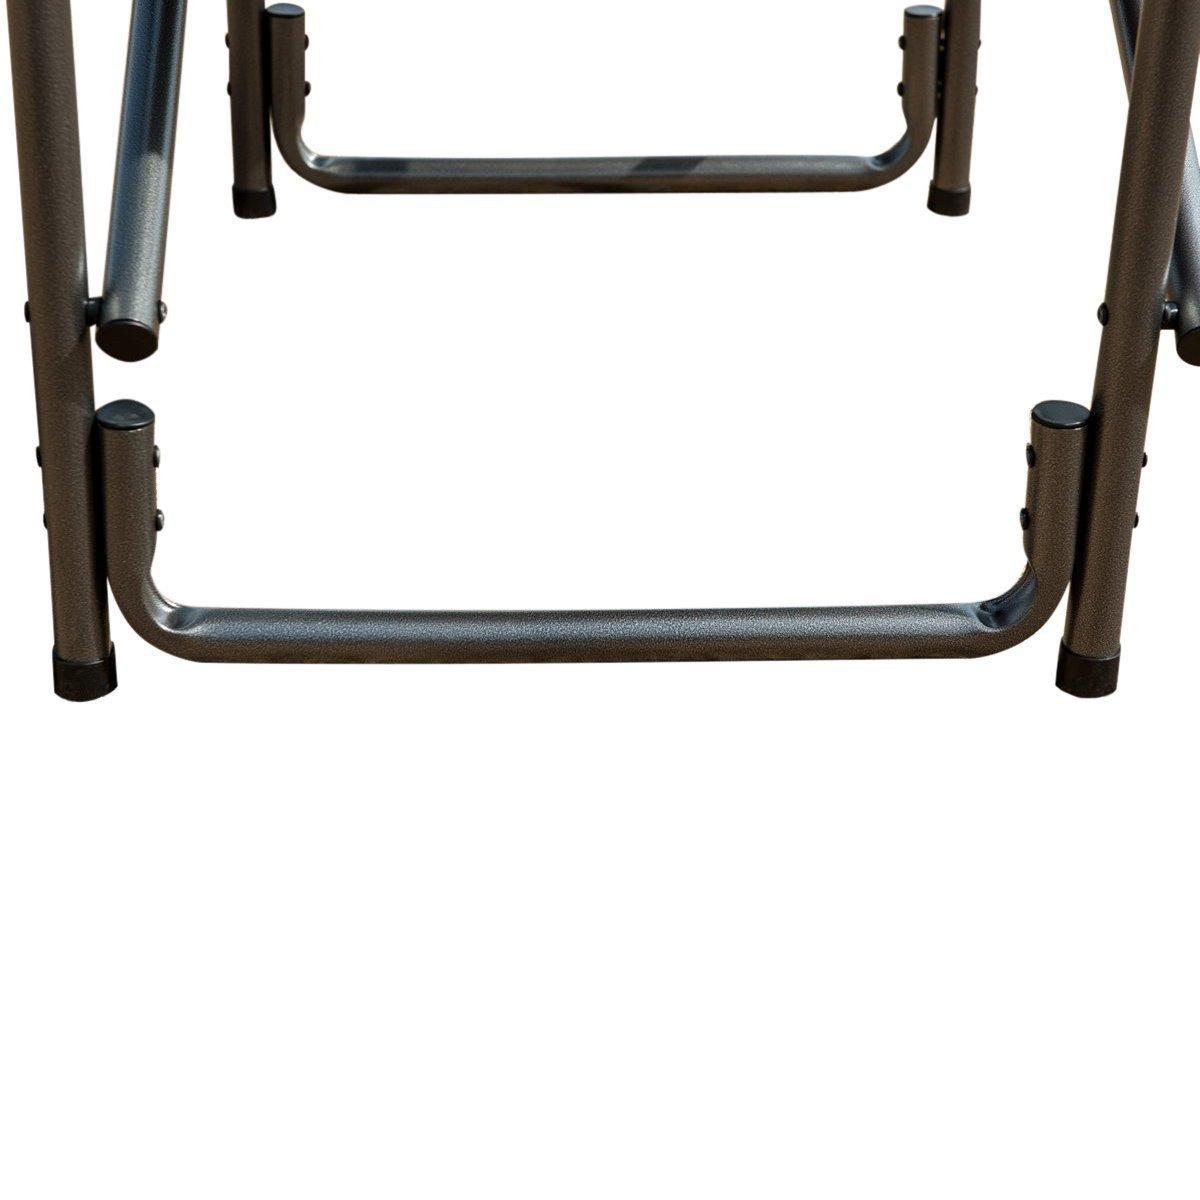 軽量監督の椅子Folding Deck Chair with Sideテーブルサポート300lbs B073QLQH84